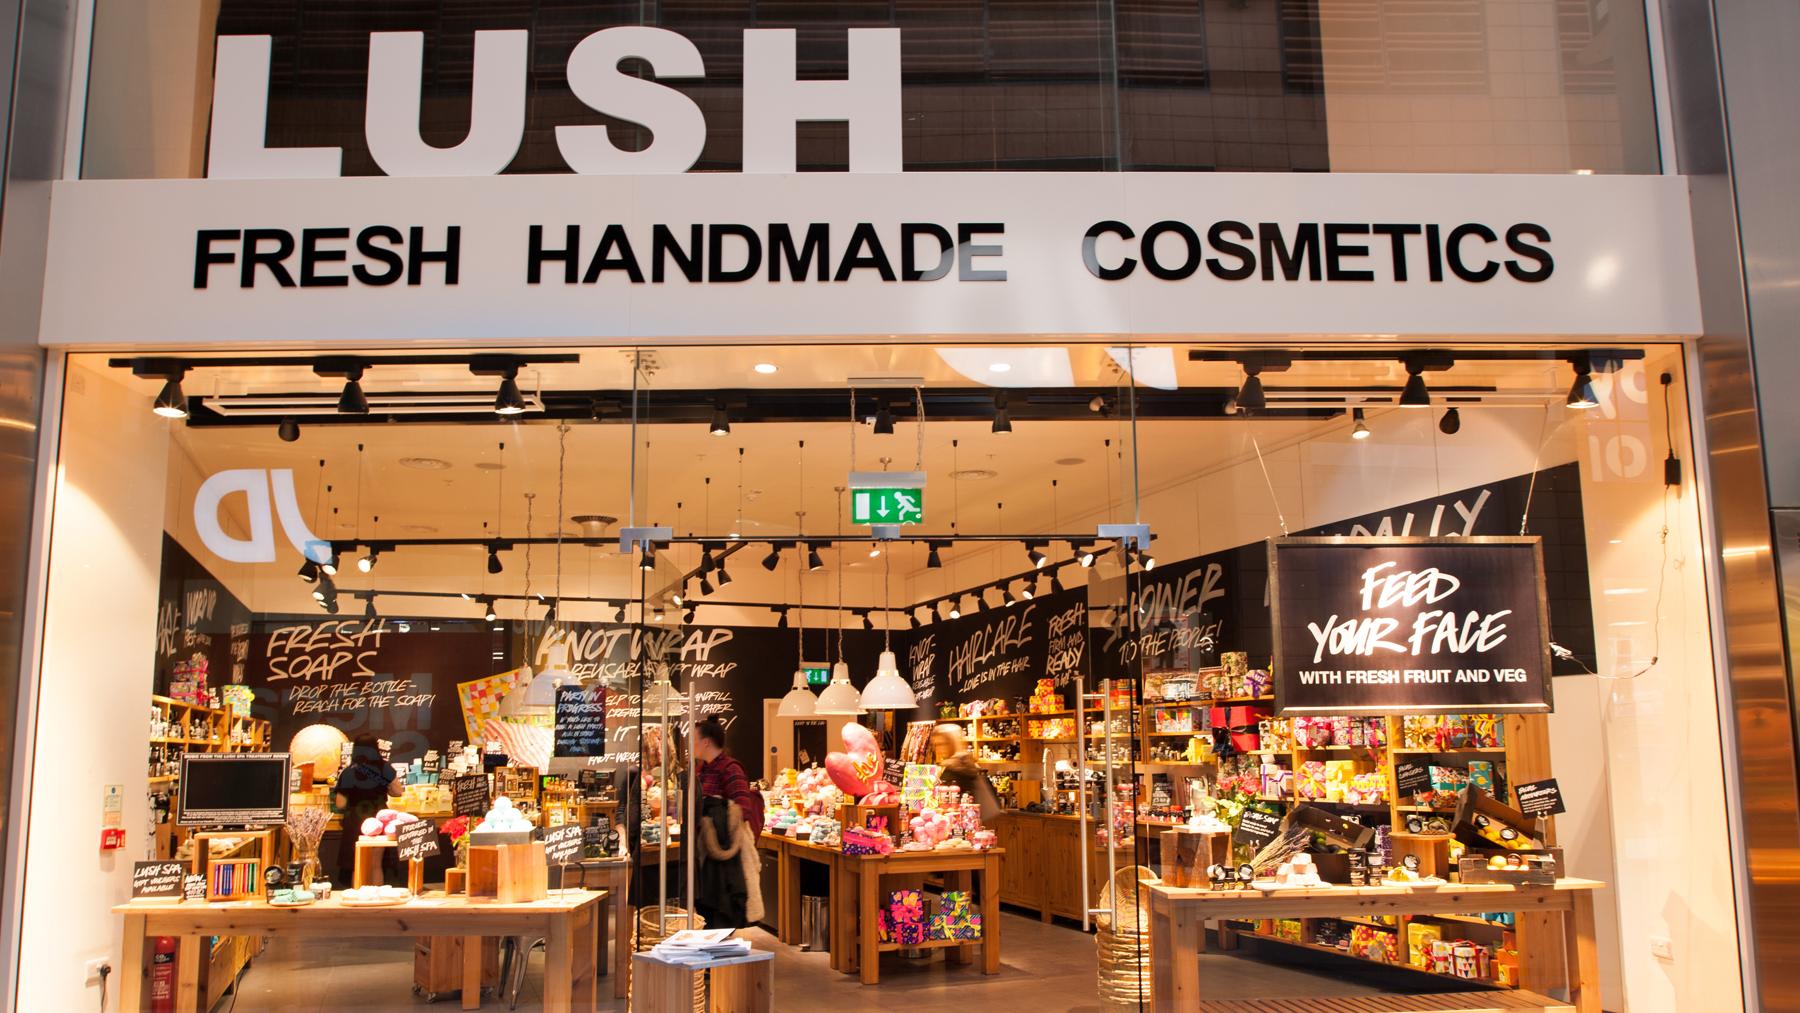 Livingston | Lush Fresh Handmade Cosmetics UK